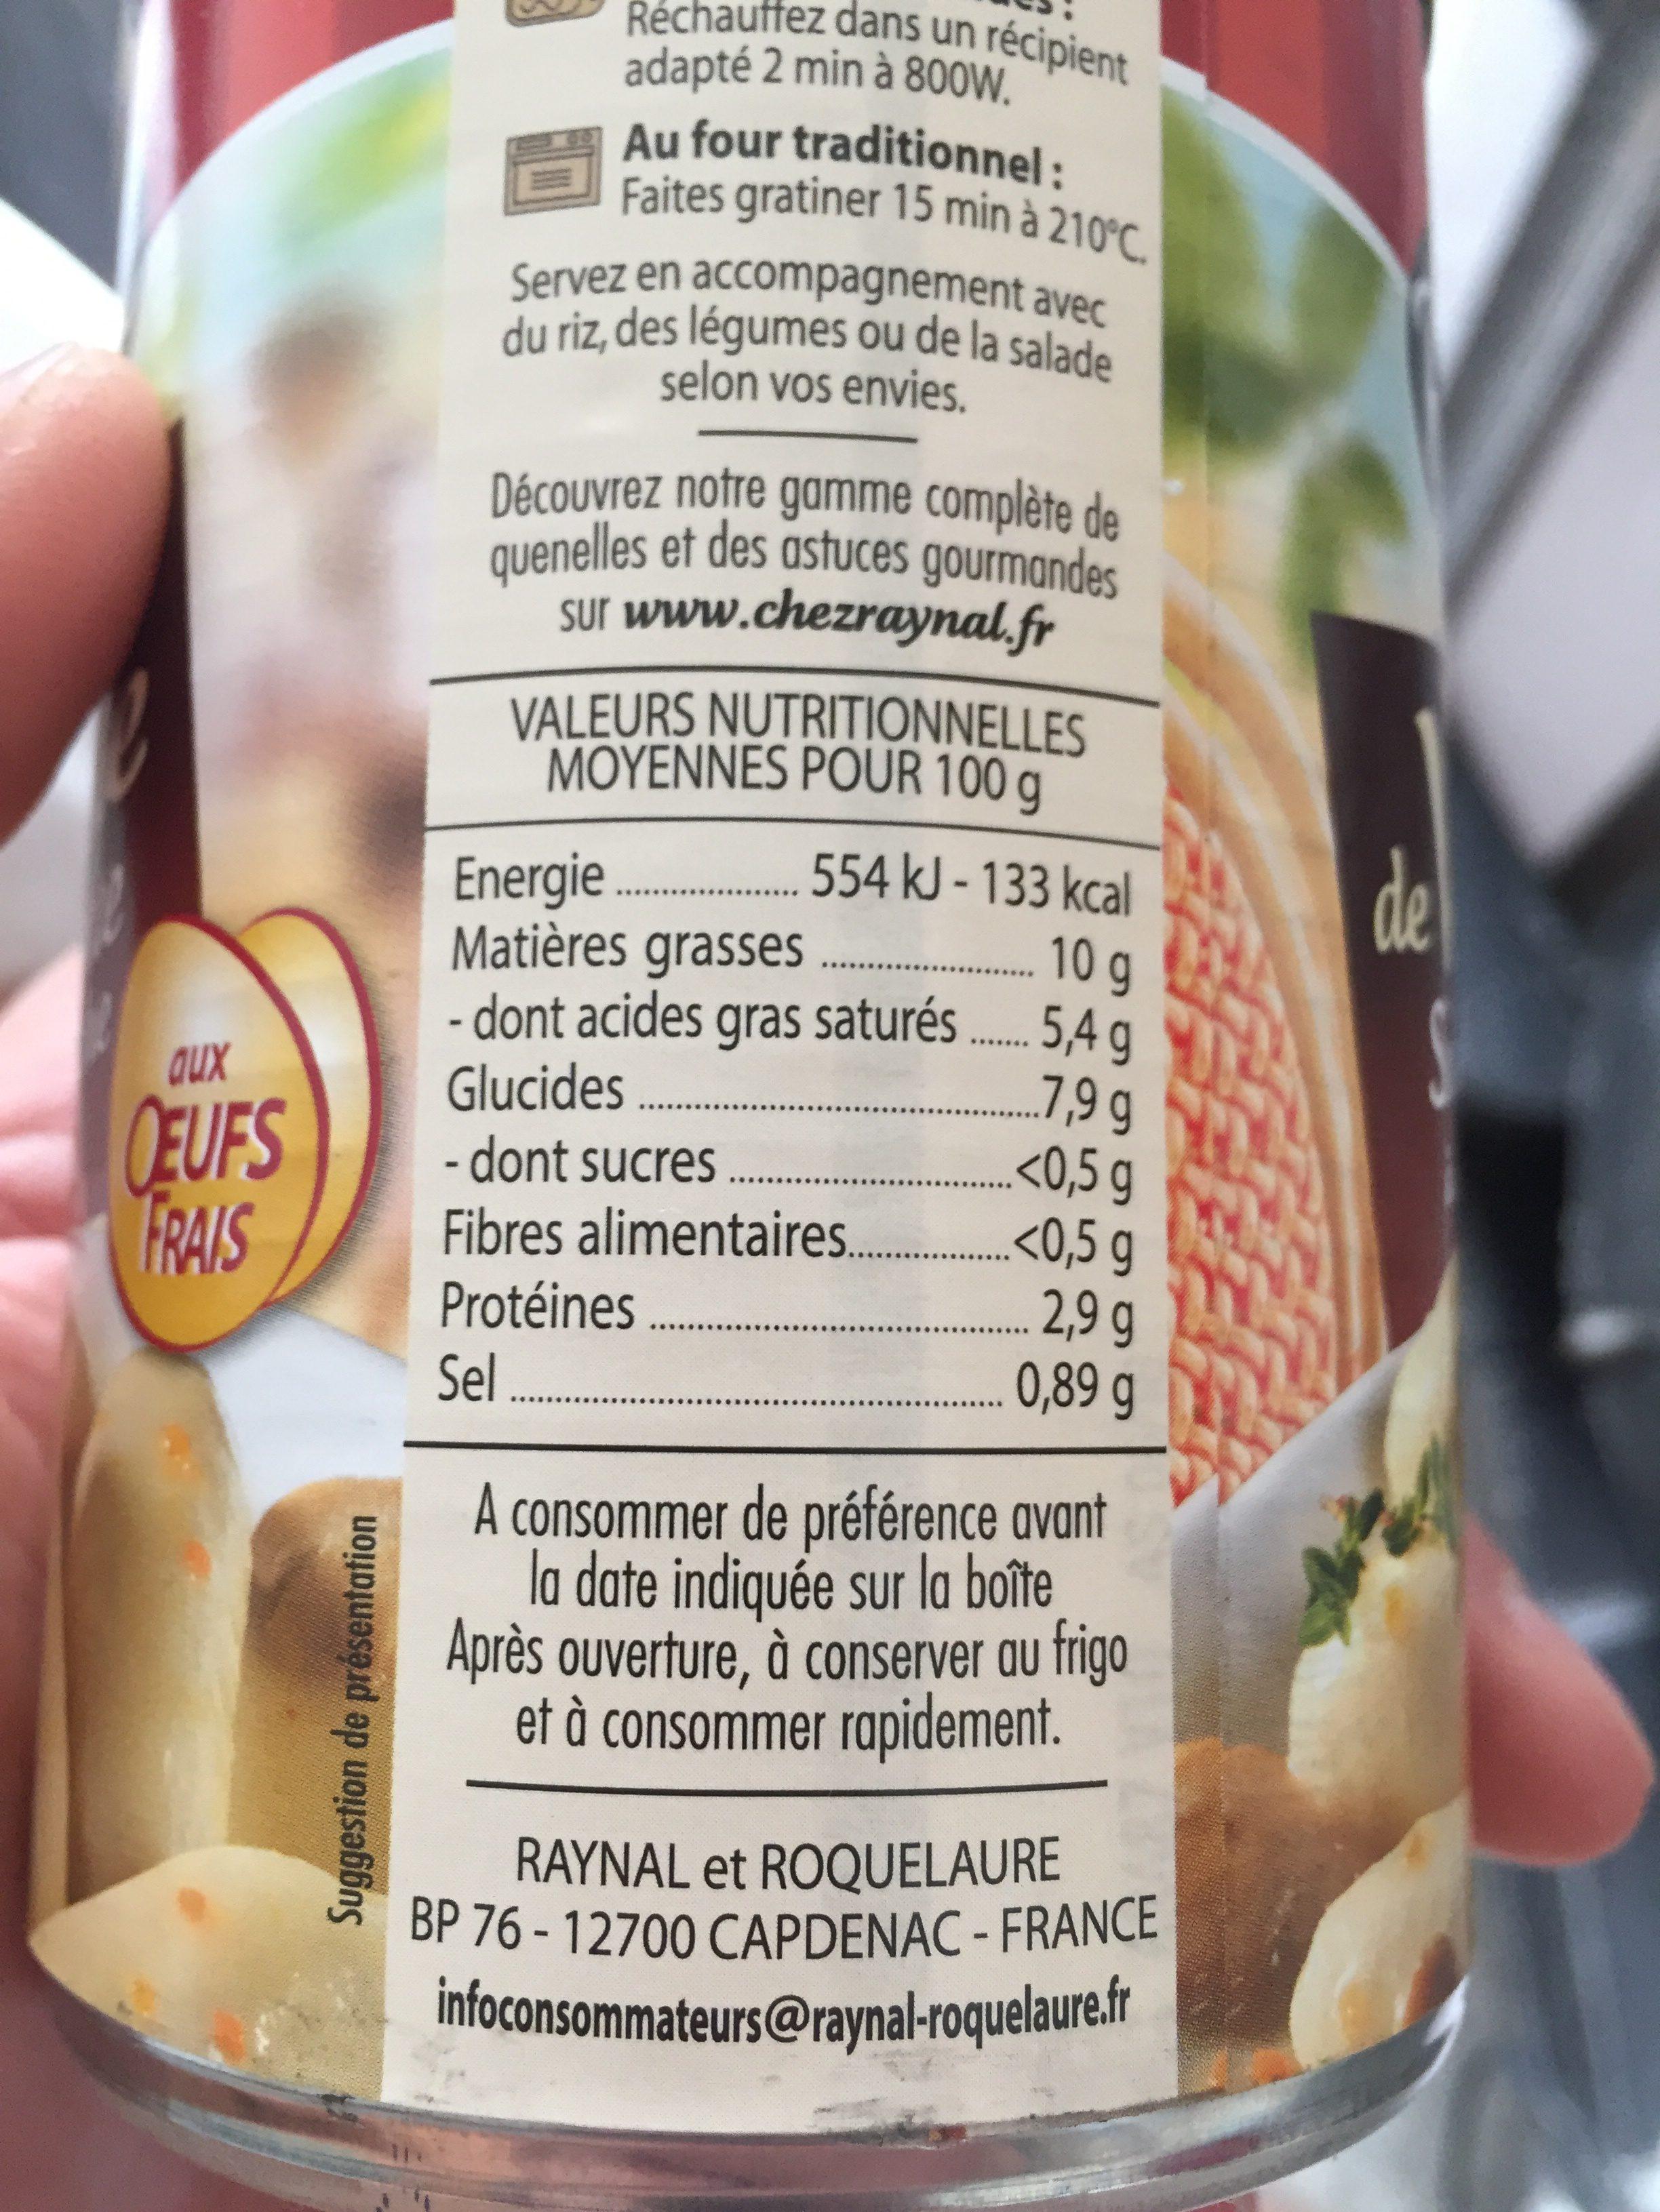 Quenelles de volaille sauce poulette à la crème fraîche - Ingredients - fr